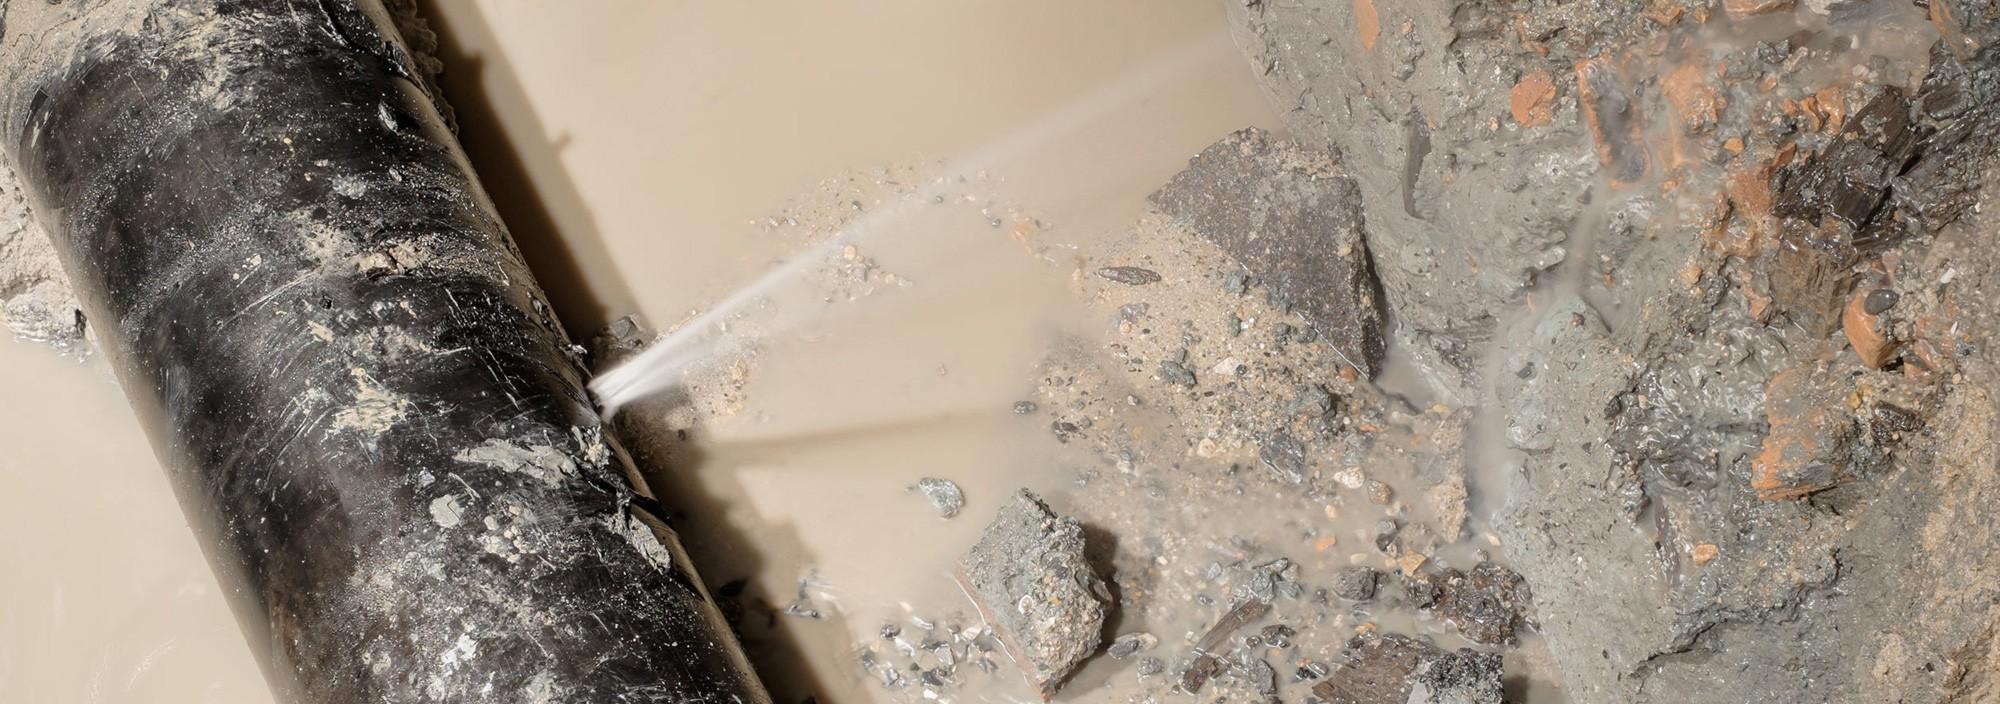 Rileva perdite di Acqua o qualisiasi altro fluido in pressione